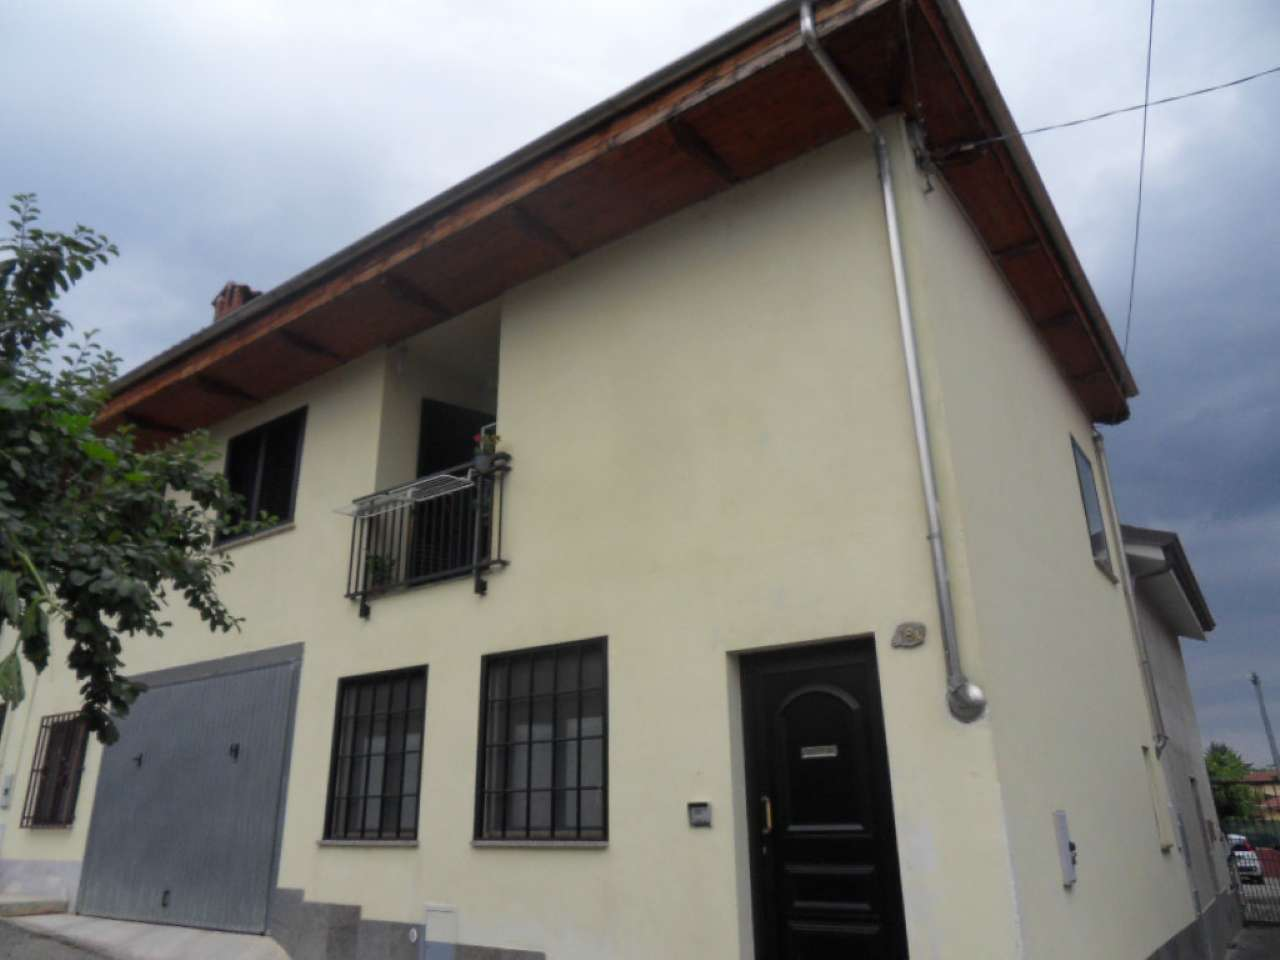 Appartamento in vendita a Caselette, 4 locali, prezzo € 159.000 | CambioCasa.it